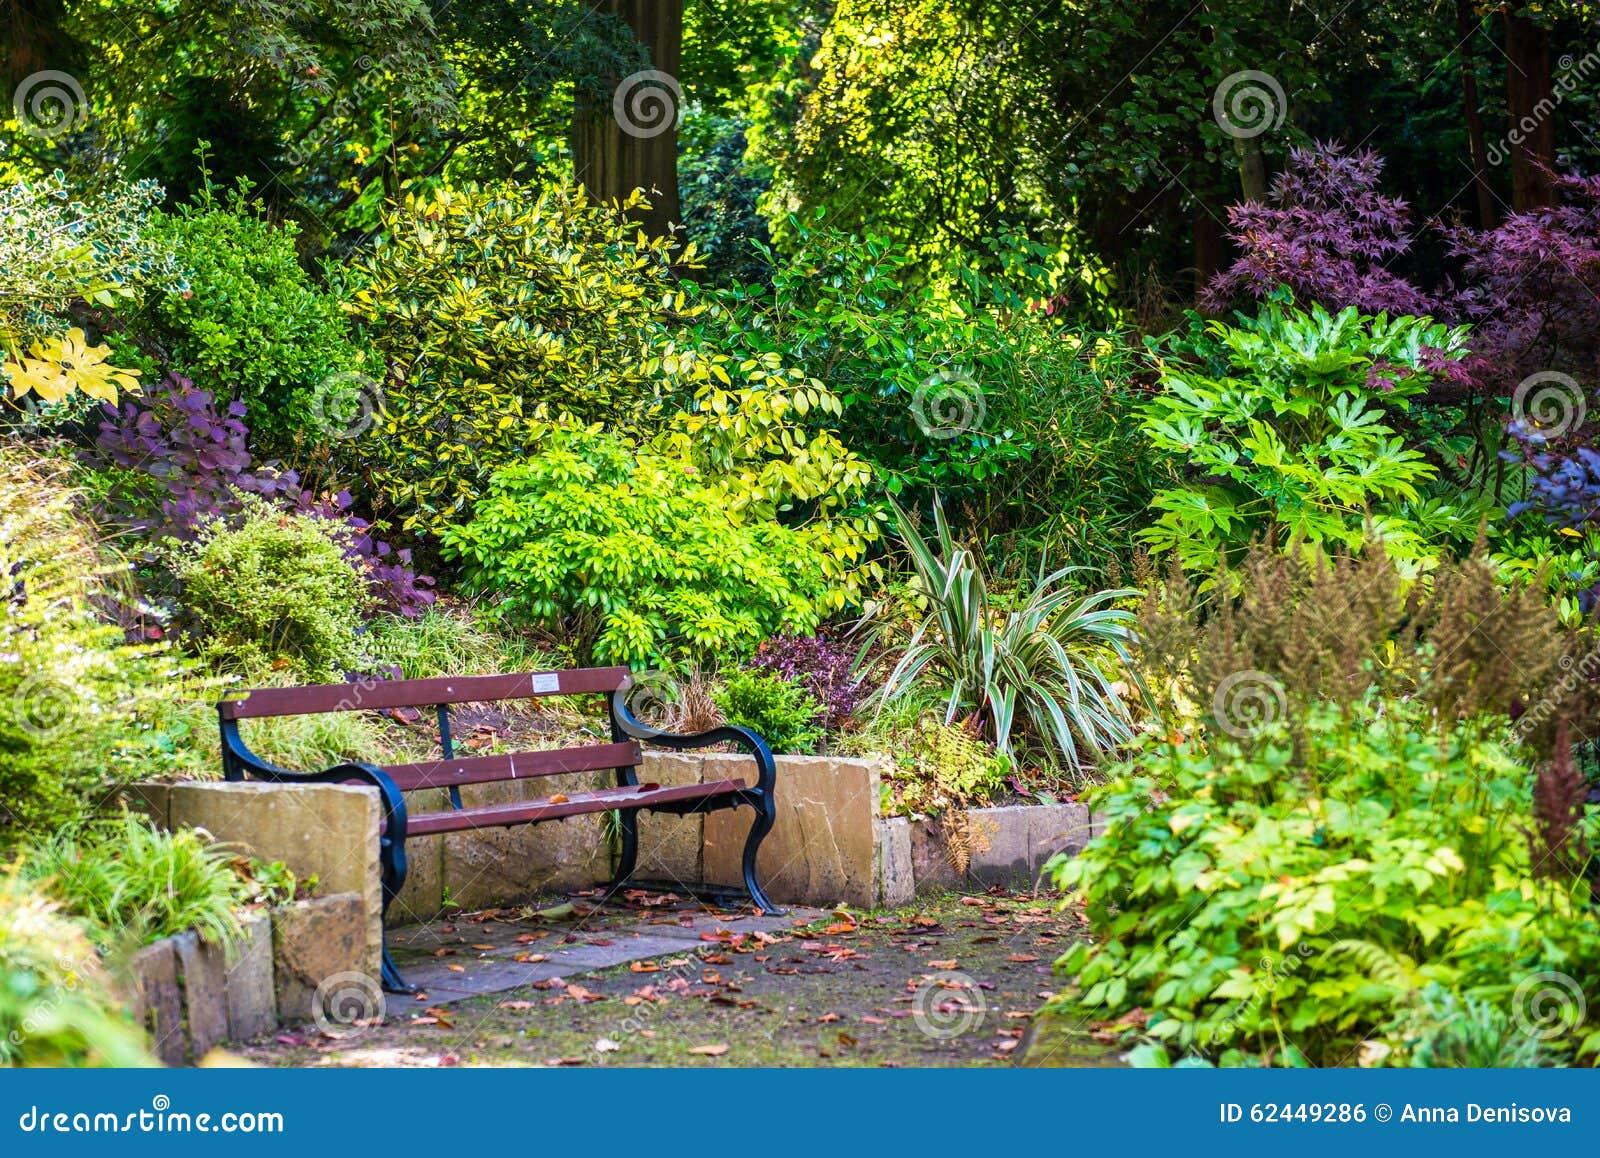 Beau jardin anglais color pendant l 39 automne angleterre for Jardin anglais en angleterre